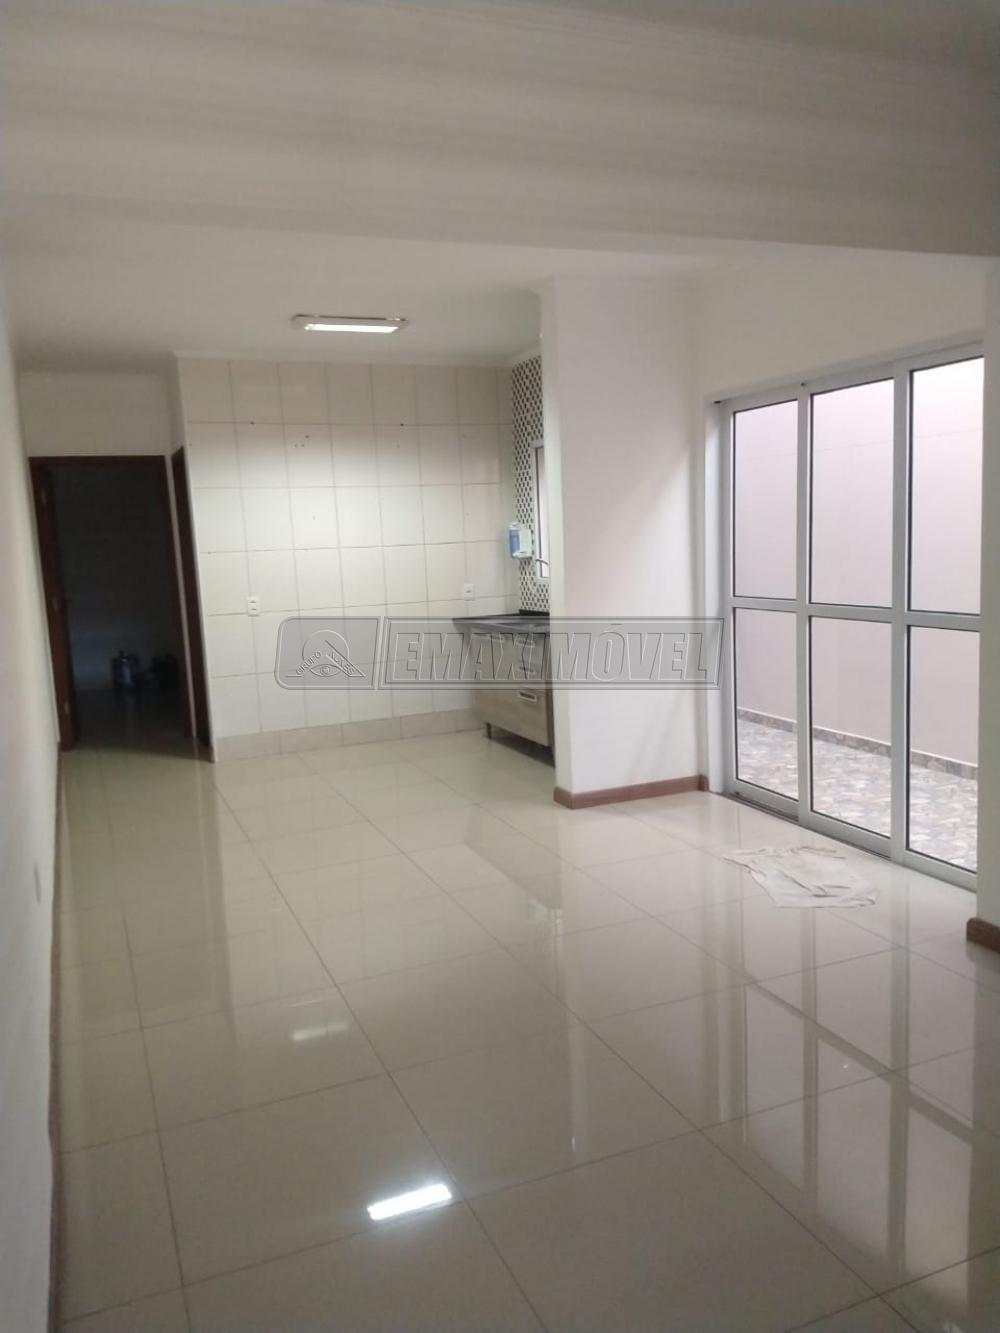 Comprar Casas / em Bairros em Sorocaba apenas R$ 179.500,00 - Foto 4